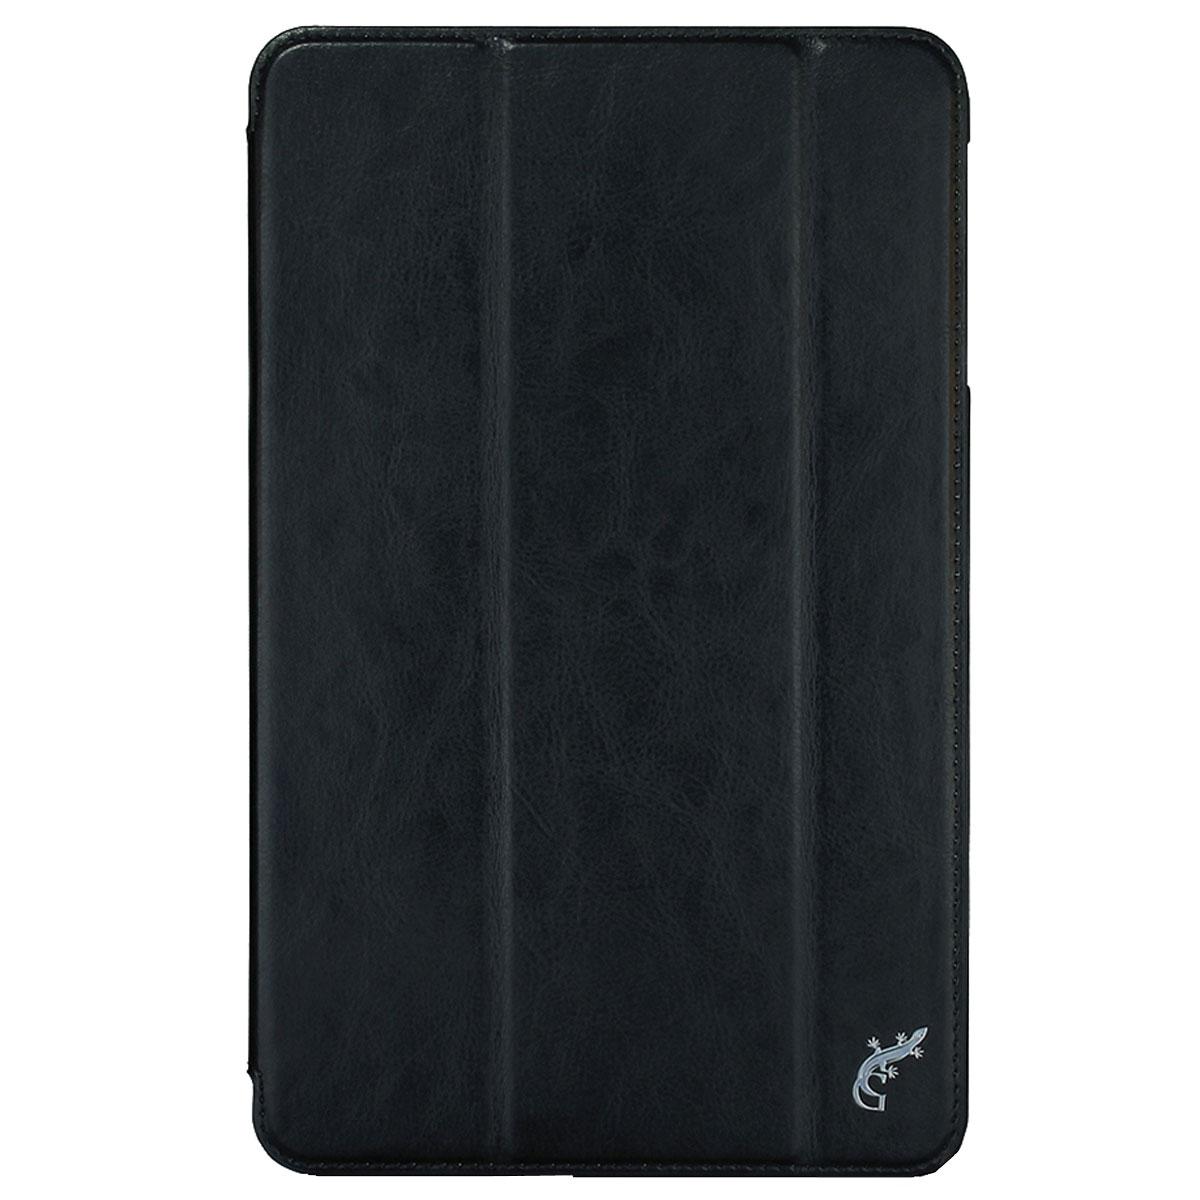 Чехол G-Case Slim Premium для Samsung GALAXY Tab Е 9.6 черный а е шаститко торгуя товарами длительного пользования объектное множество и пределы антитраста